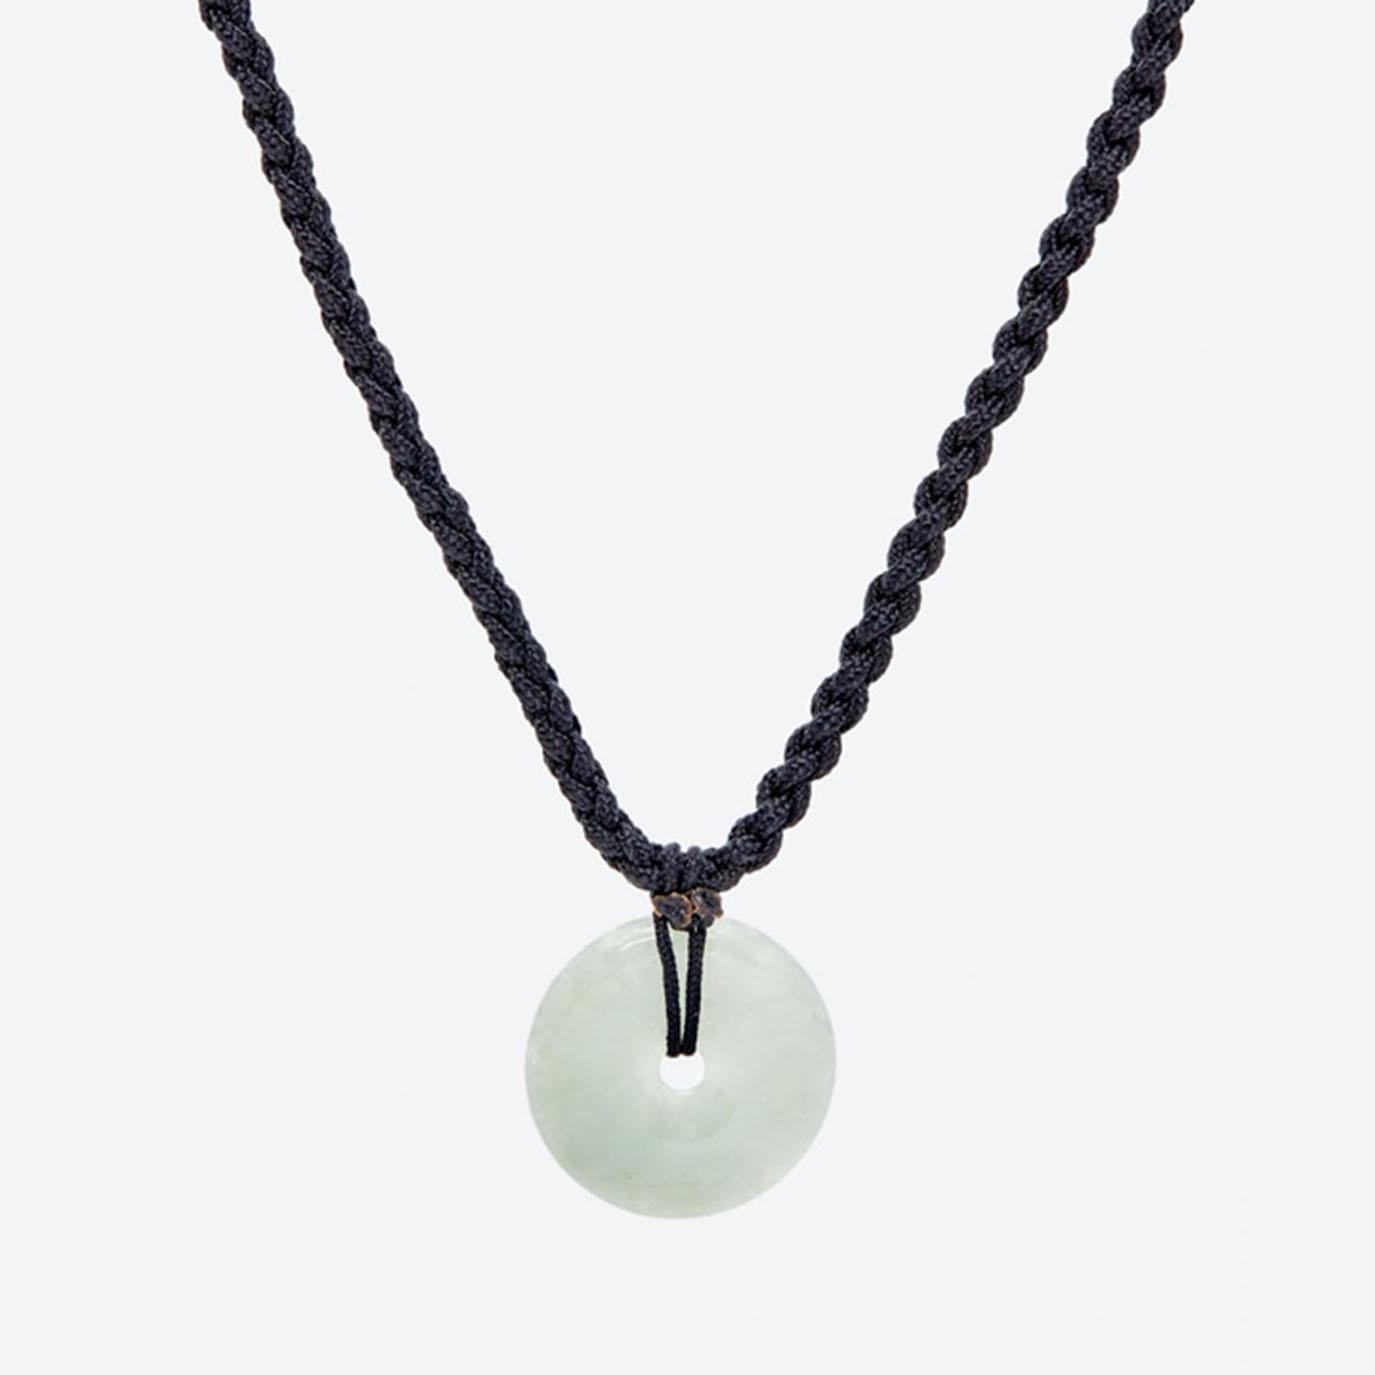 Mặt dây chuyền đá cẩm thạch phỉ thúy đồng điếu mệnh hỏa , mộc (màu xanh lá) - Ngọc Quý Gemstones